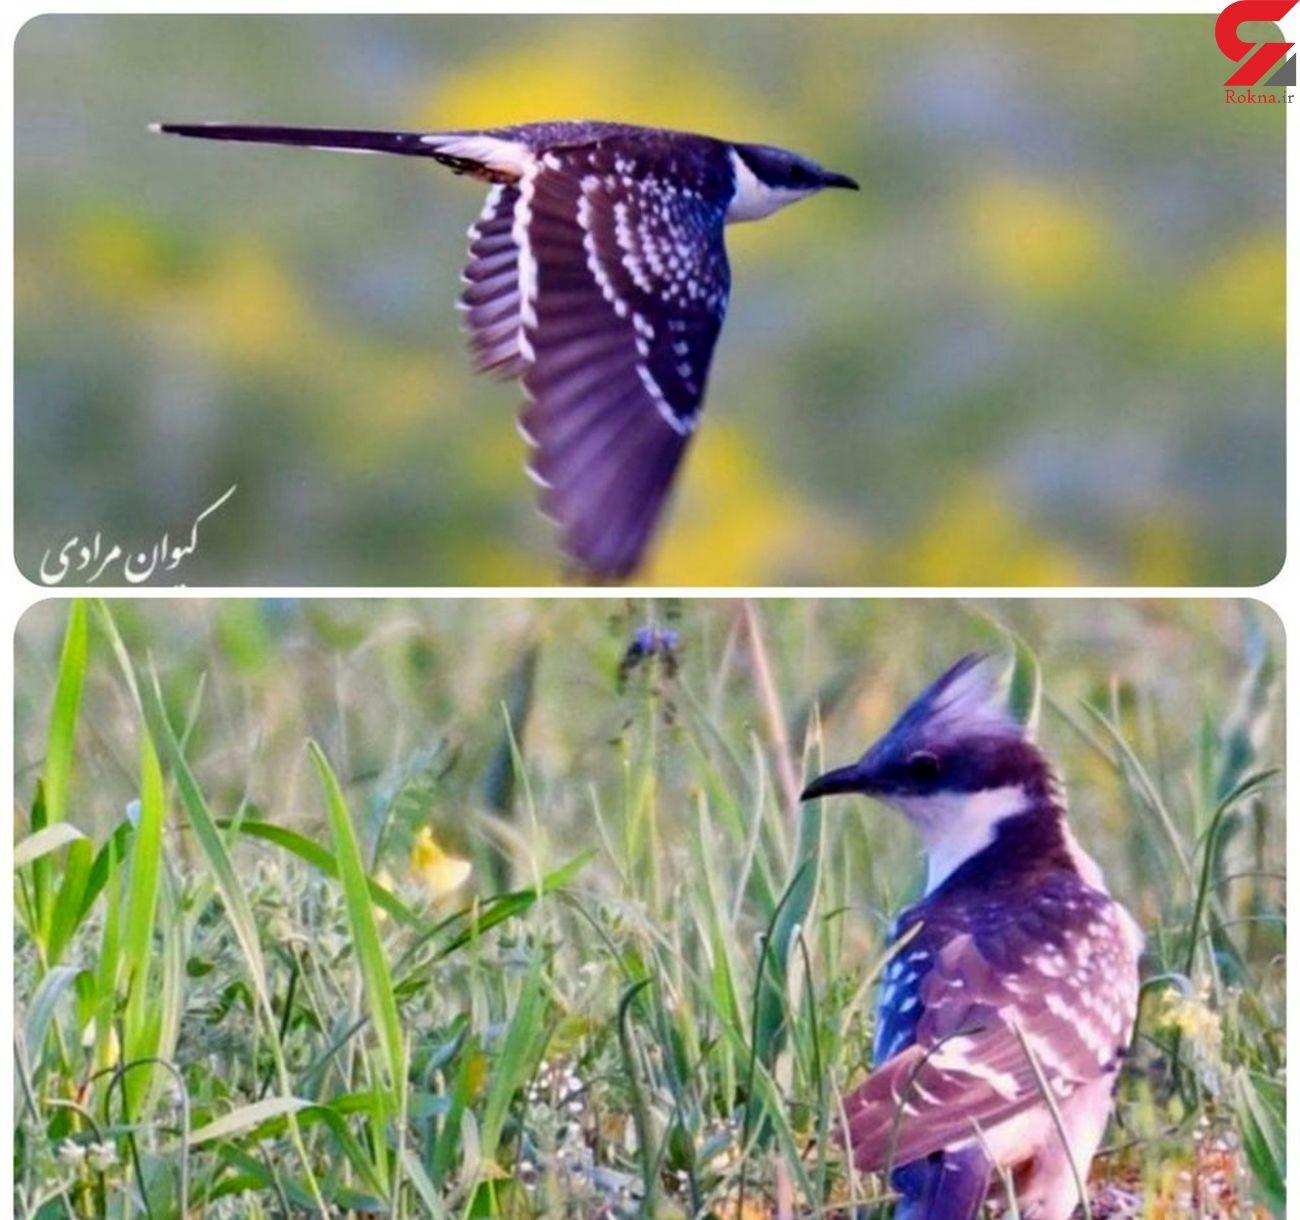 پرنده کمیاب کوکوی خالدار در تالاب زریوار تولید مثل کرد